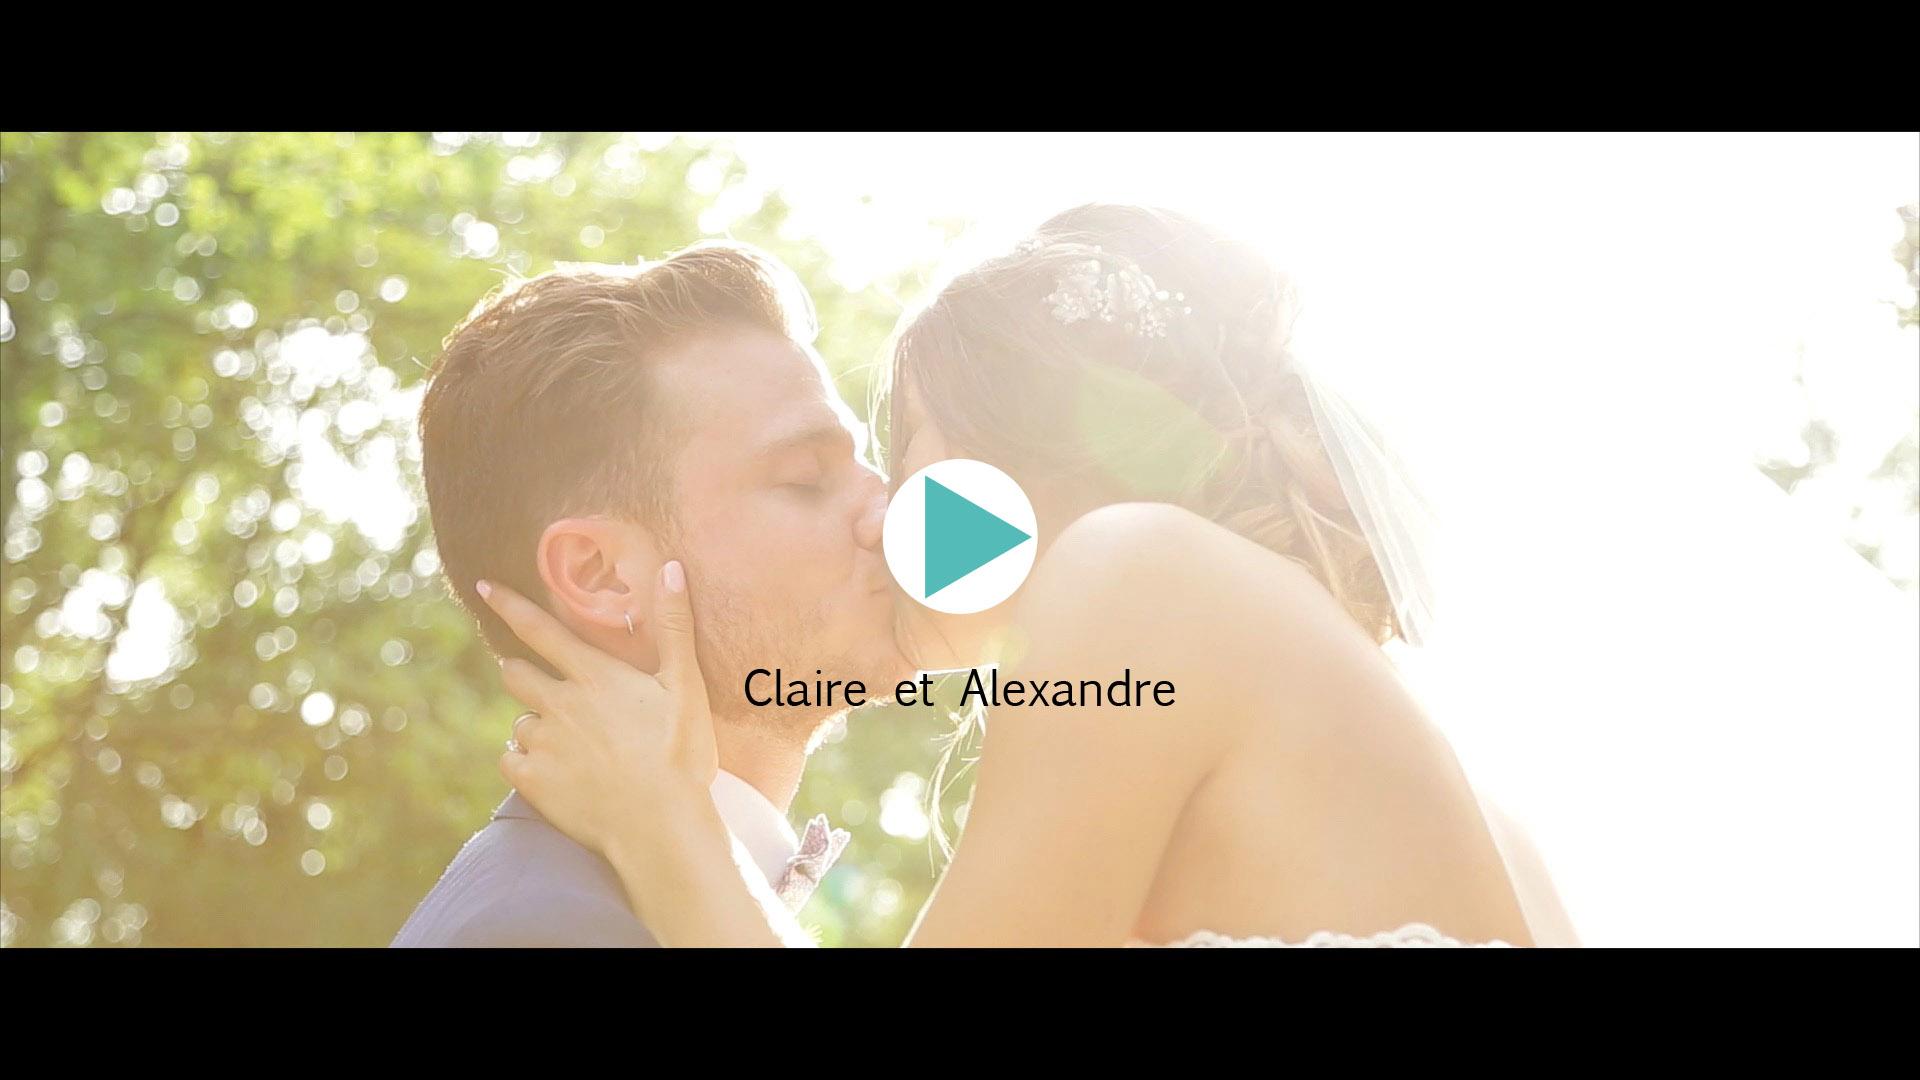 Vidéo du mariage de Claire et Alexandre